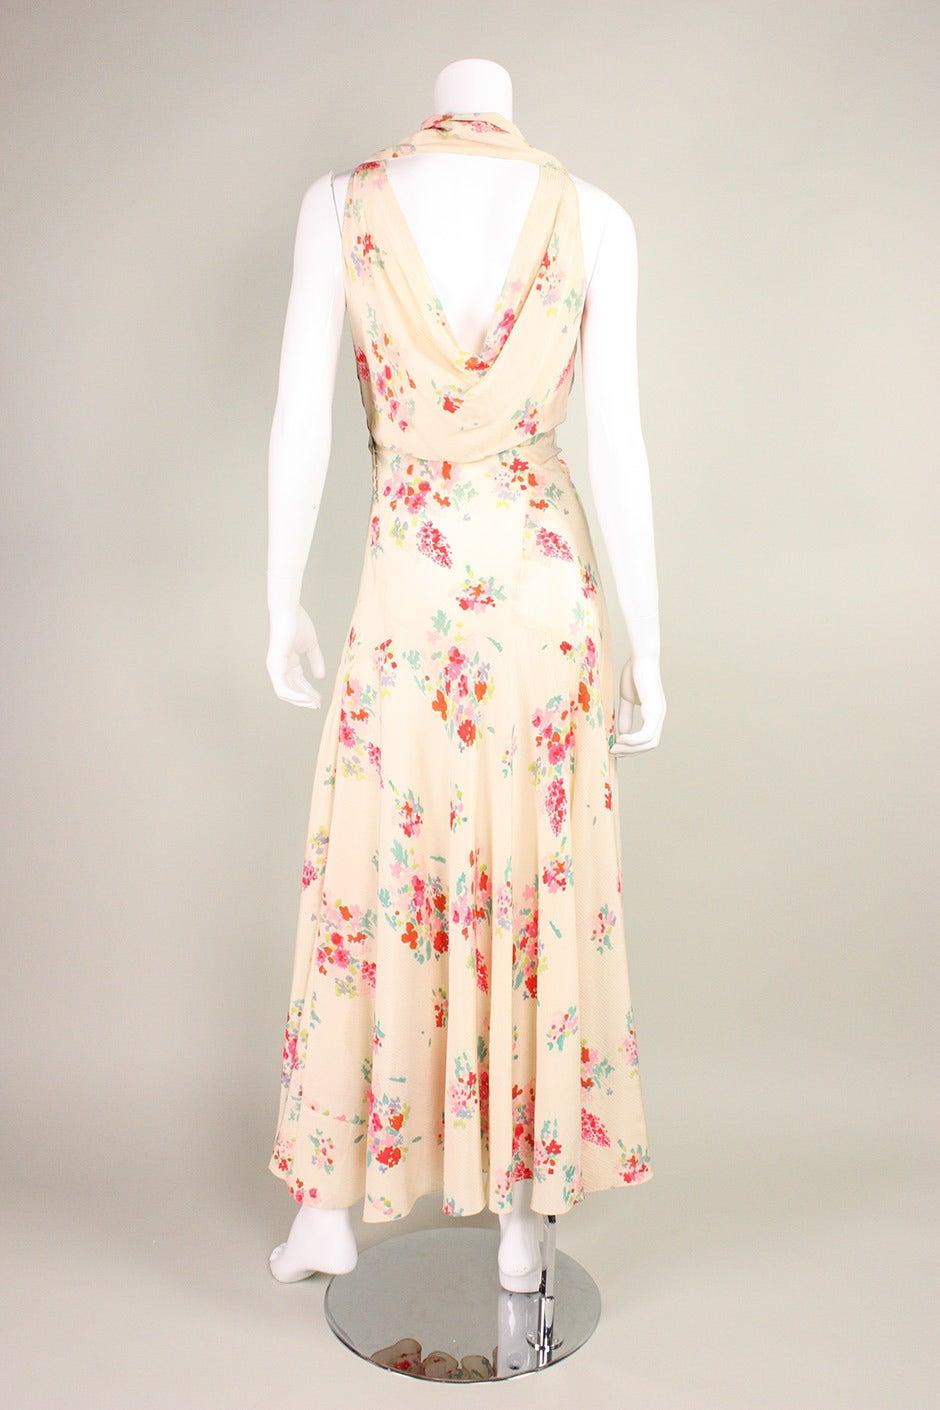 Women's 1930's Floral Bias Cut Gown For Sale